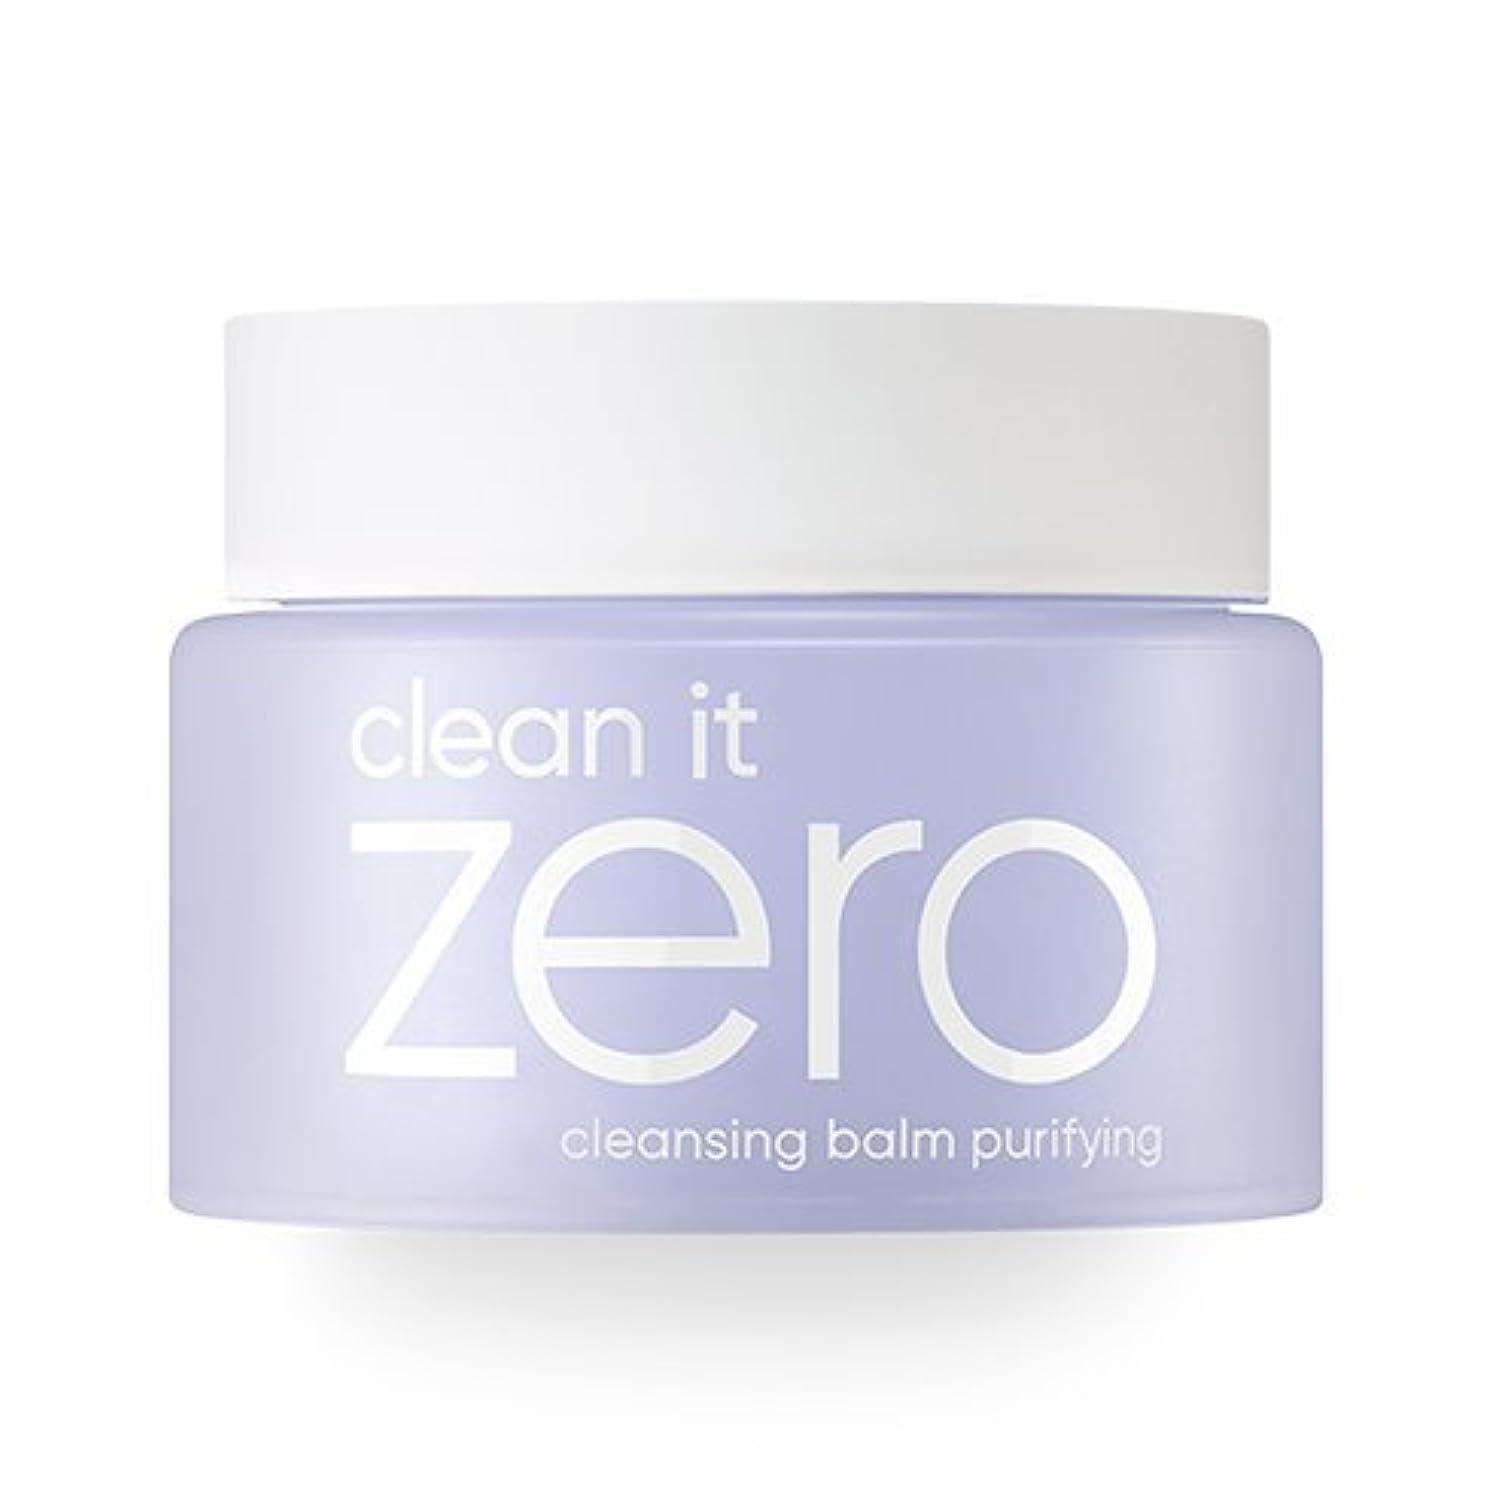 存在するヘルシー料理をする[2018 Renewal] BANILA CO Clean It Zero Cleansing Balm/バニラコ クリーン イット ゼロ クレンジング バーム (#Purifying 100ml) [並行輸入品]